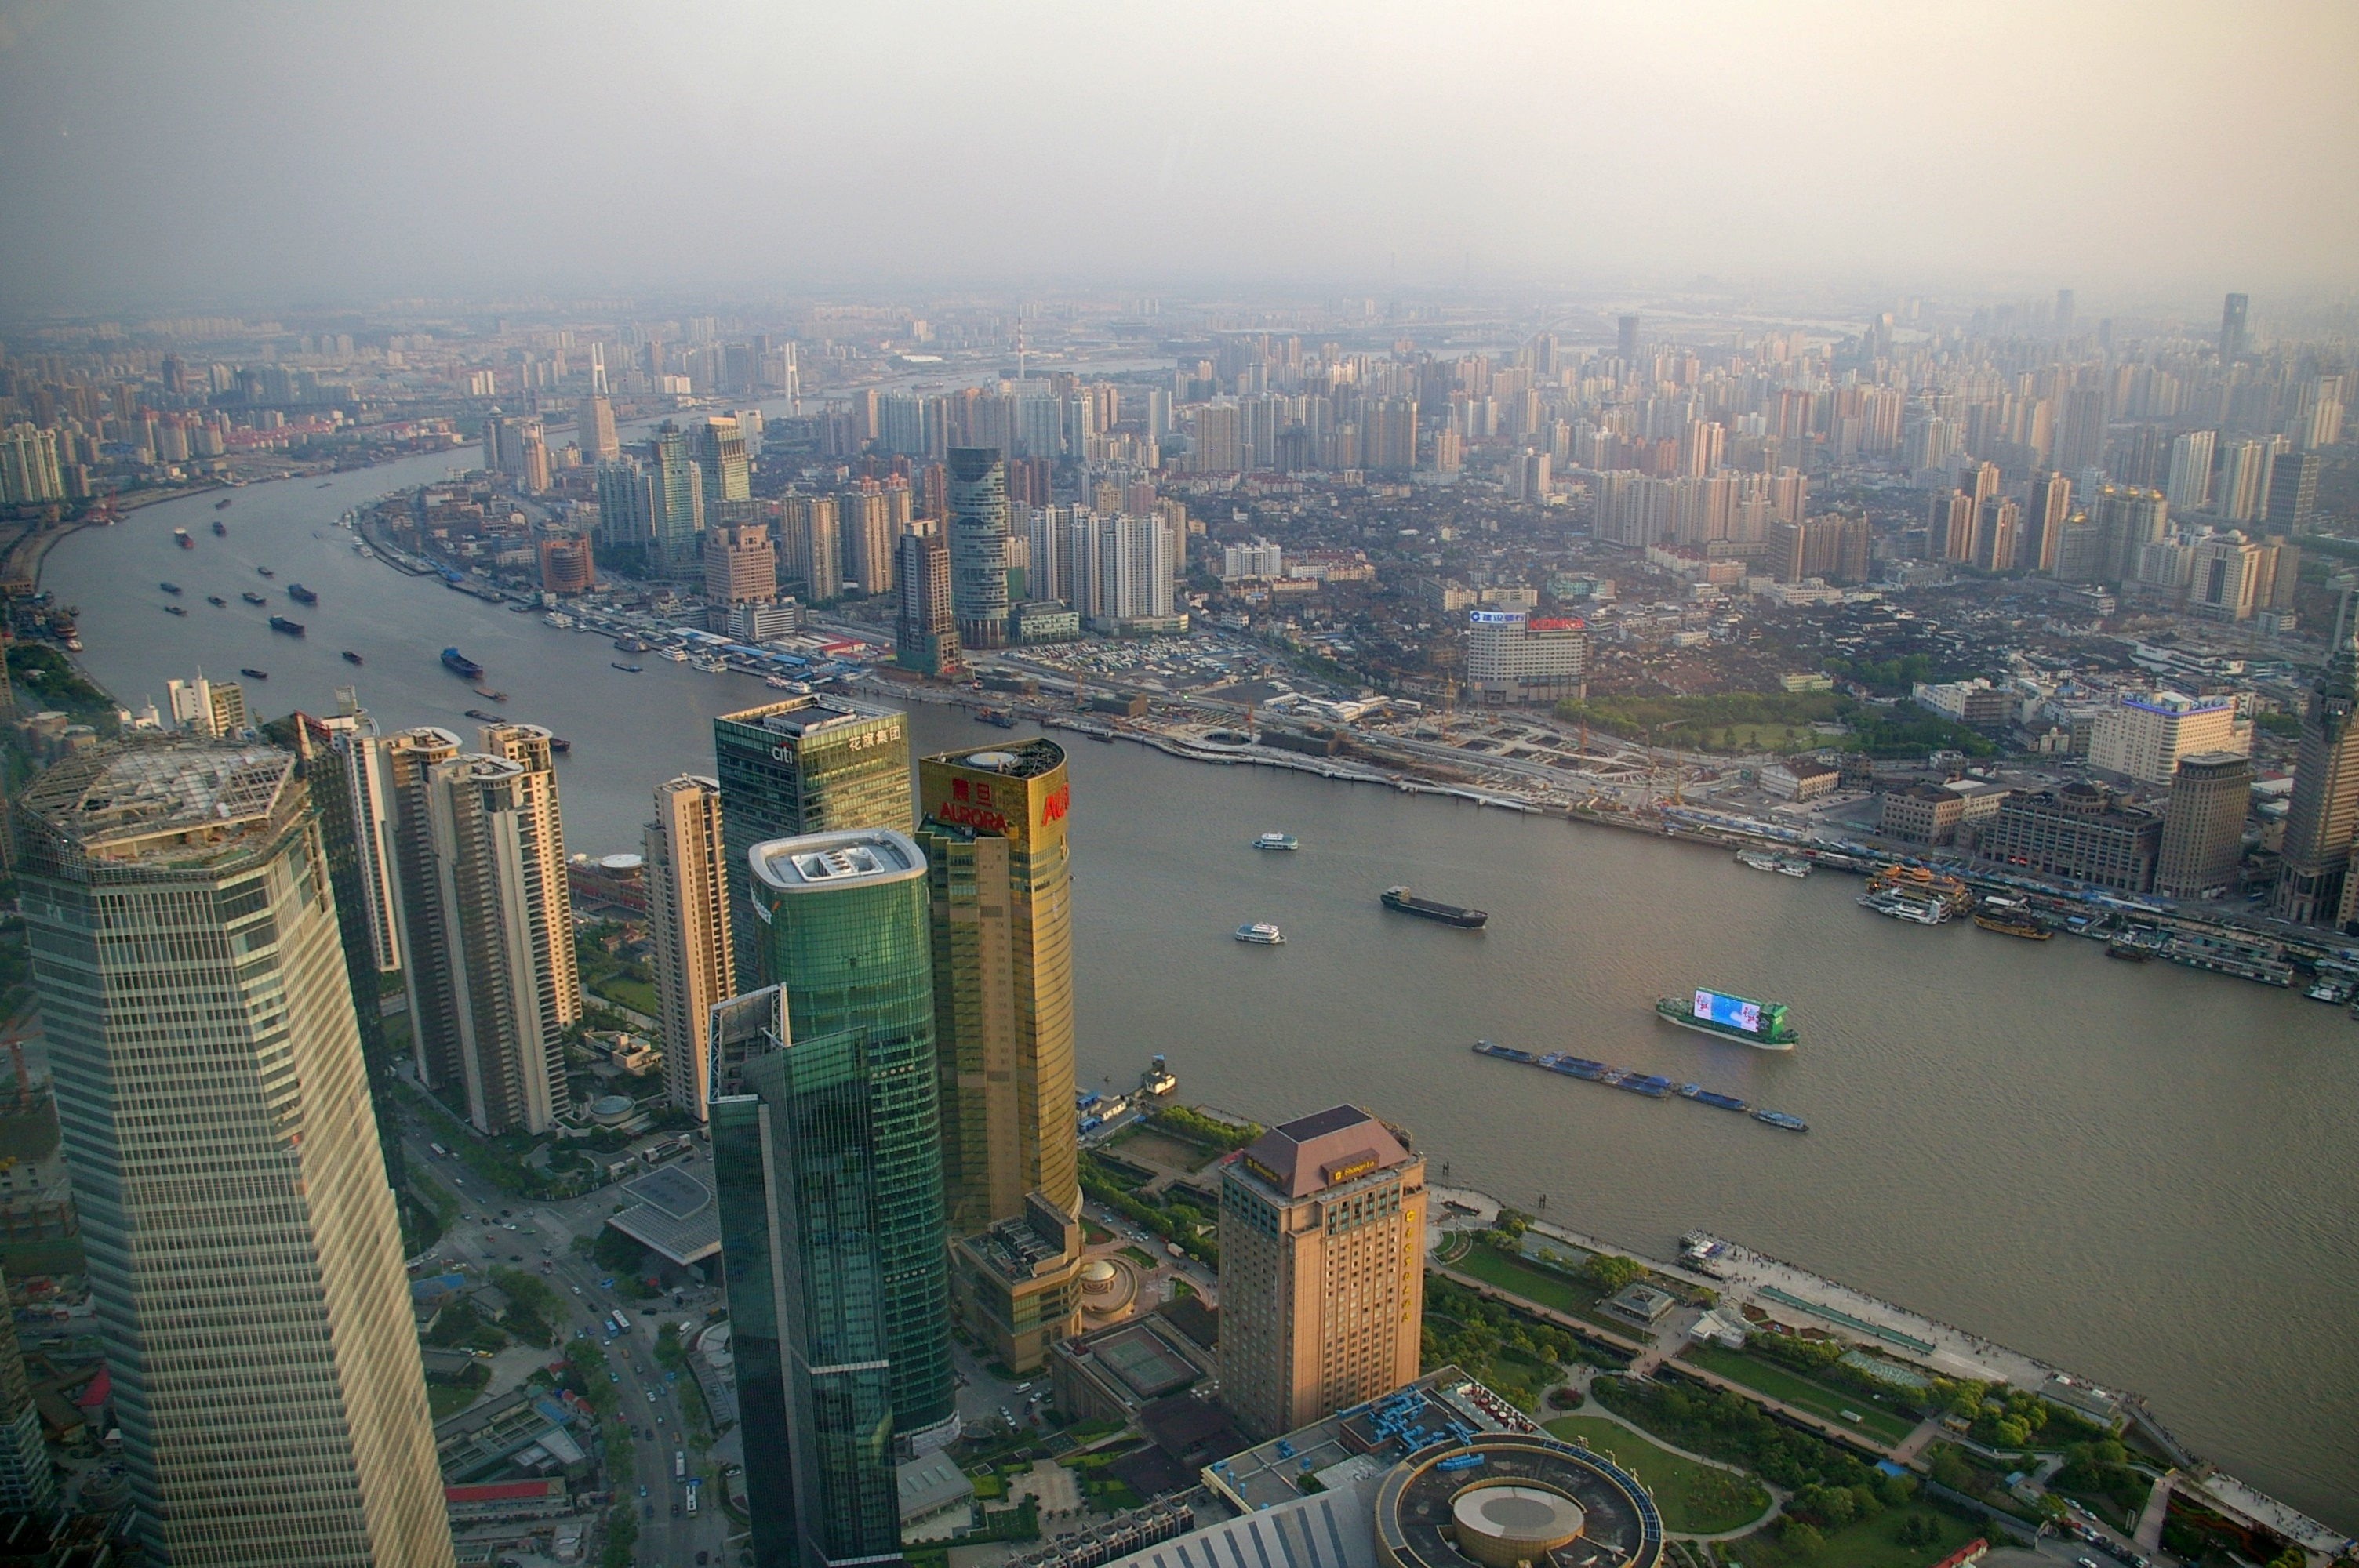 File:20090426 Shanghai Huangpu river 5319.jpg - Wikimedia ...